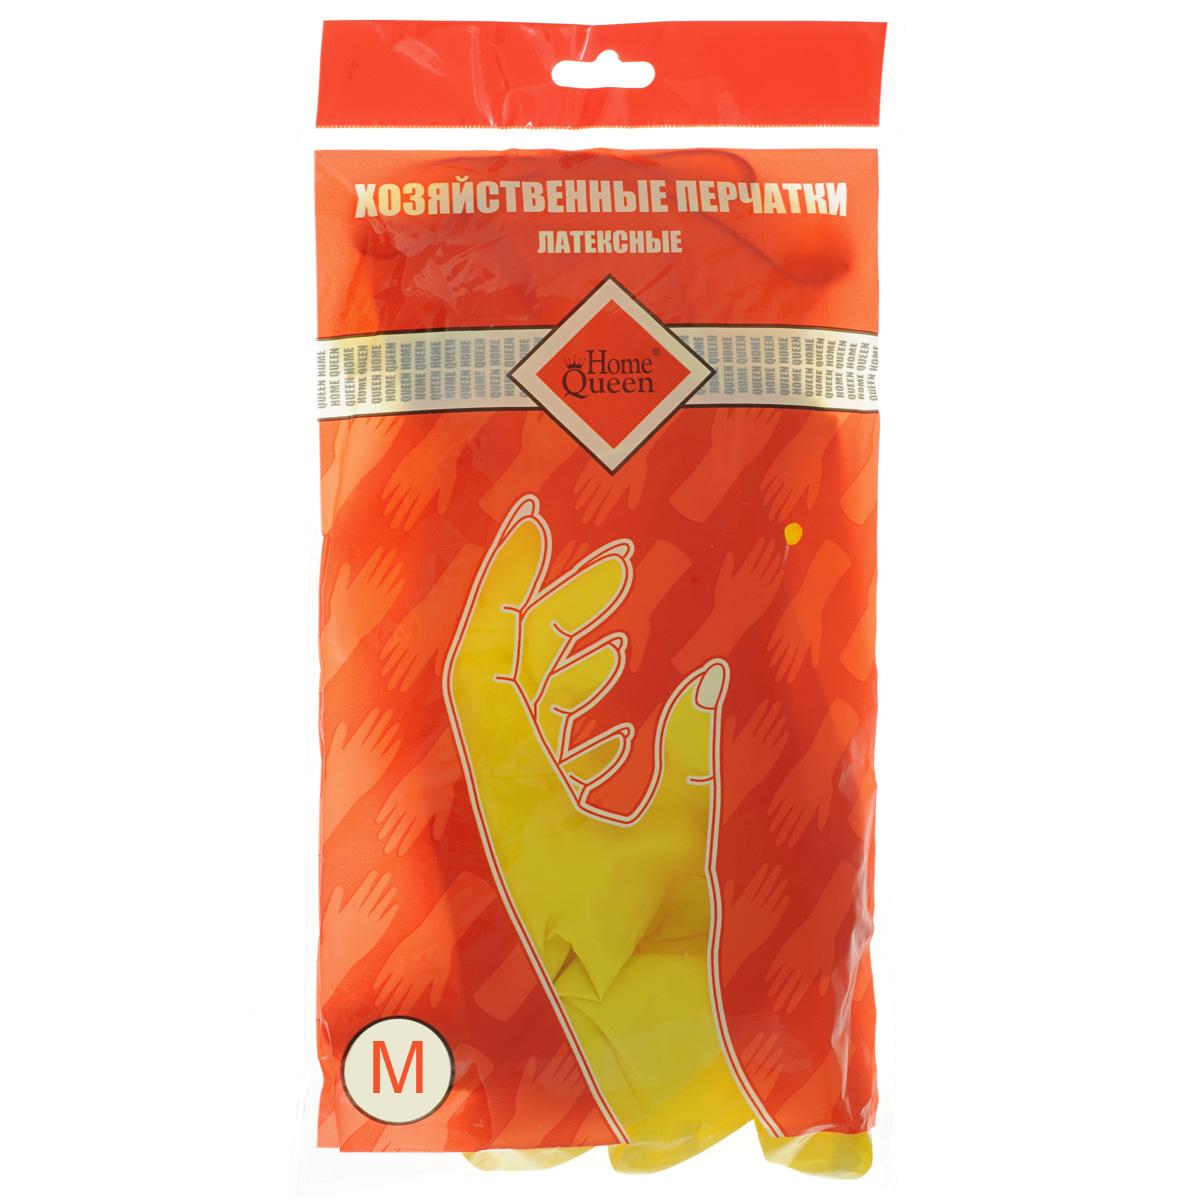 Перчатки латексные Home Queen. Размер M48MПерчатки Home Queen защитят ваши руки от воздействия бытовой химии и грязи. Подойдут для всех видов хозяйственных работ. Выполнены из латекса.